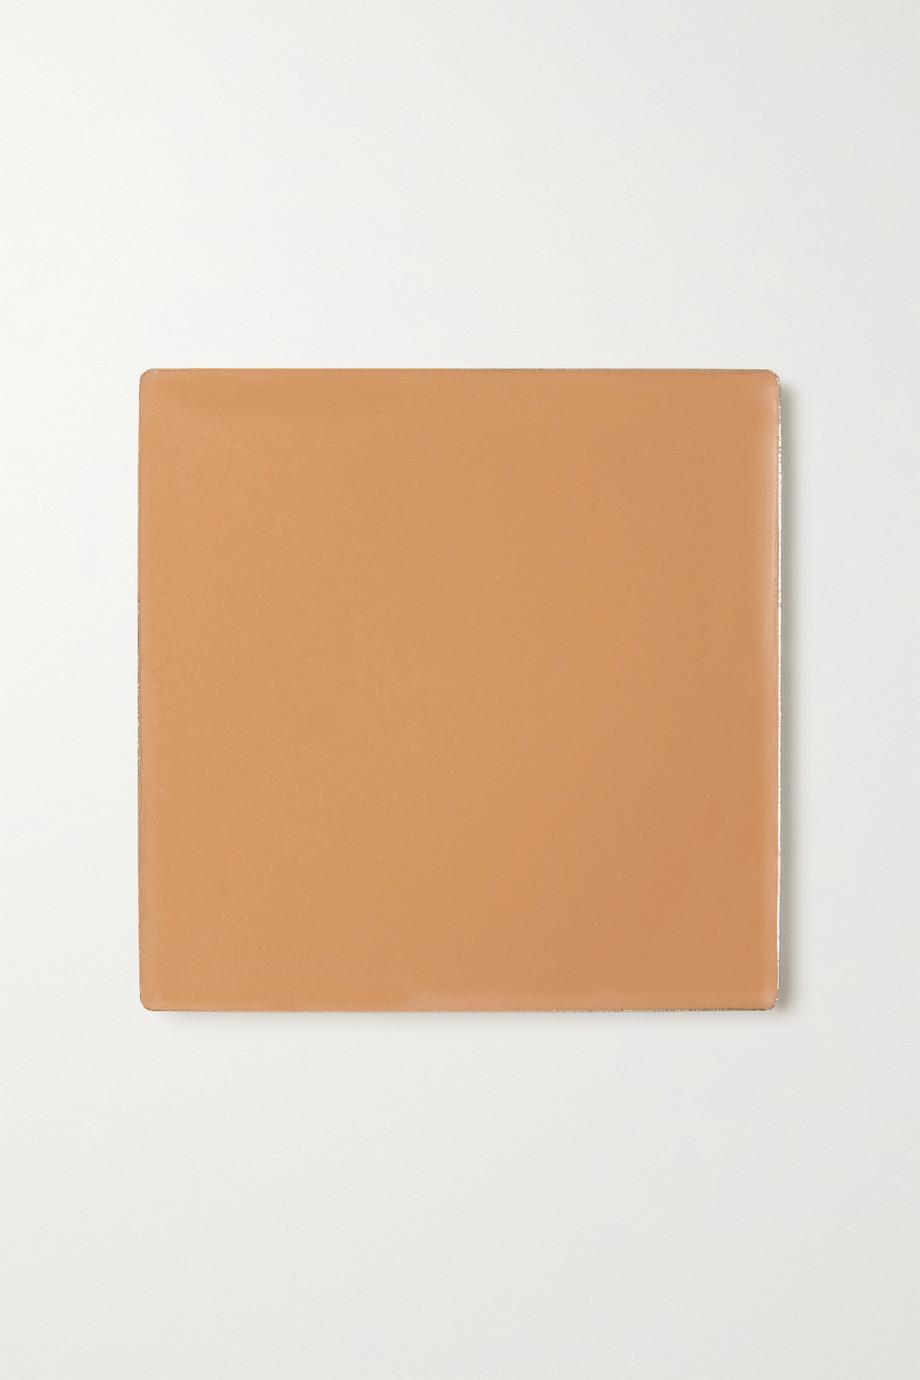 Kjaer Weis Cream Foundation Refill - Velvety